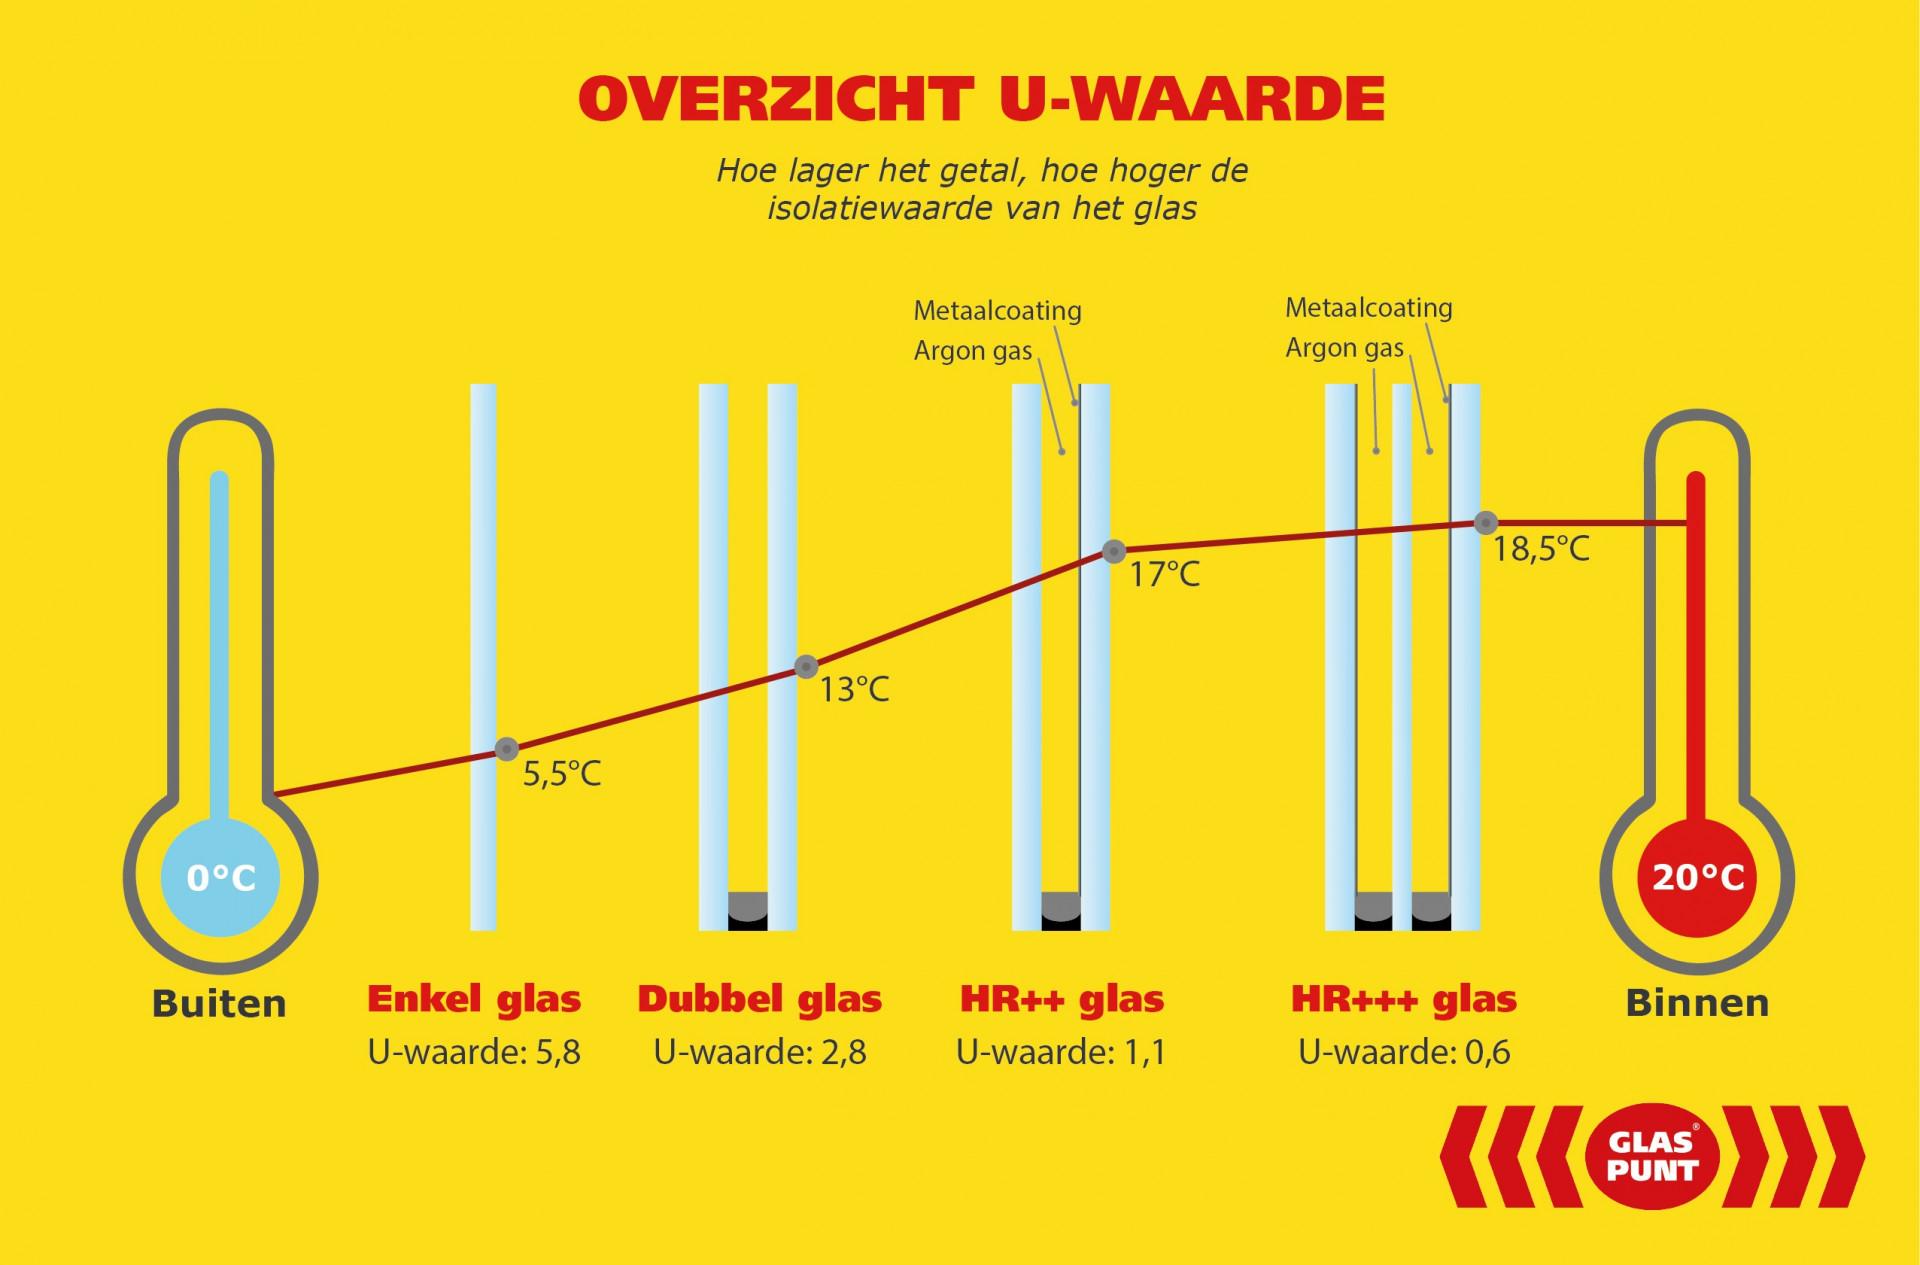 U-waarde van glas betekenis